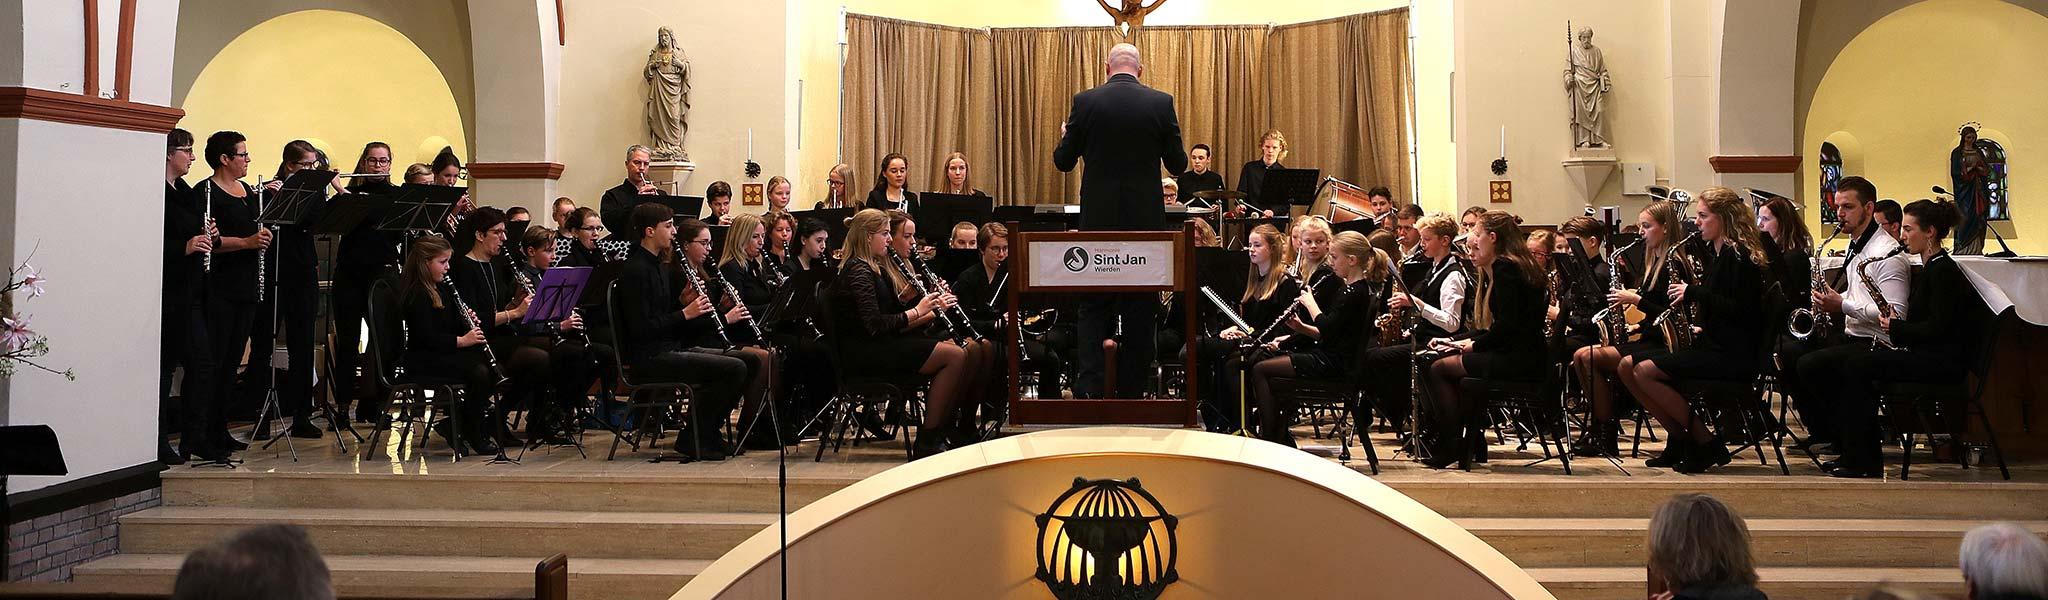 foto-harmonie-sint-jan-wierden-nieuwjaarsconcert-2019